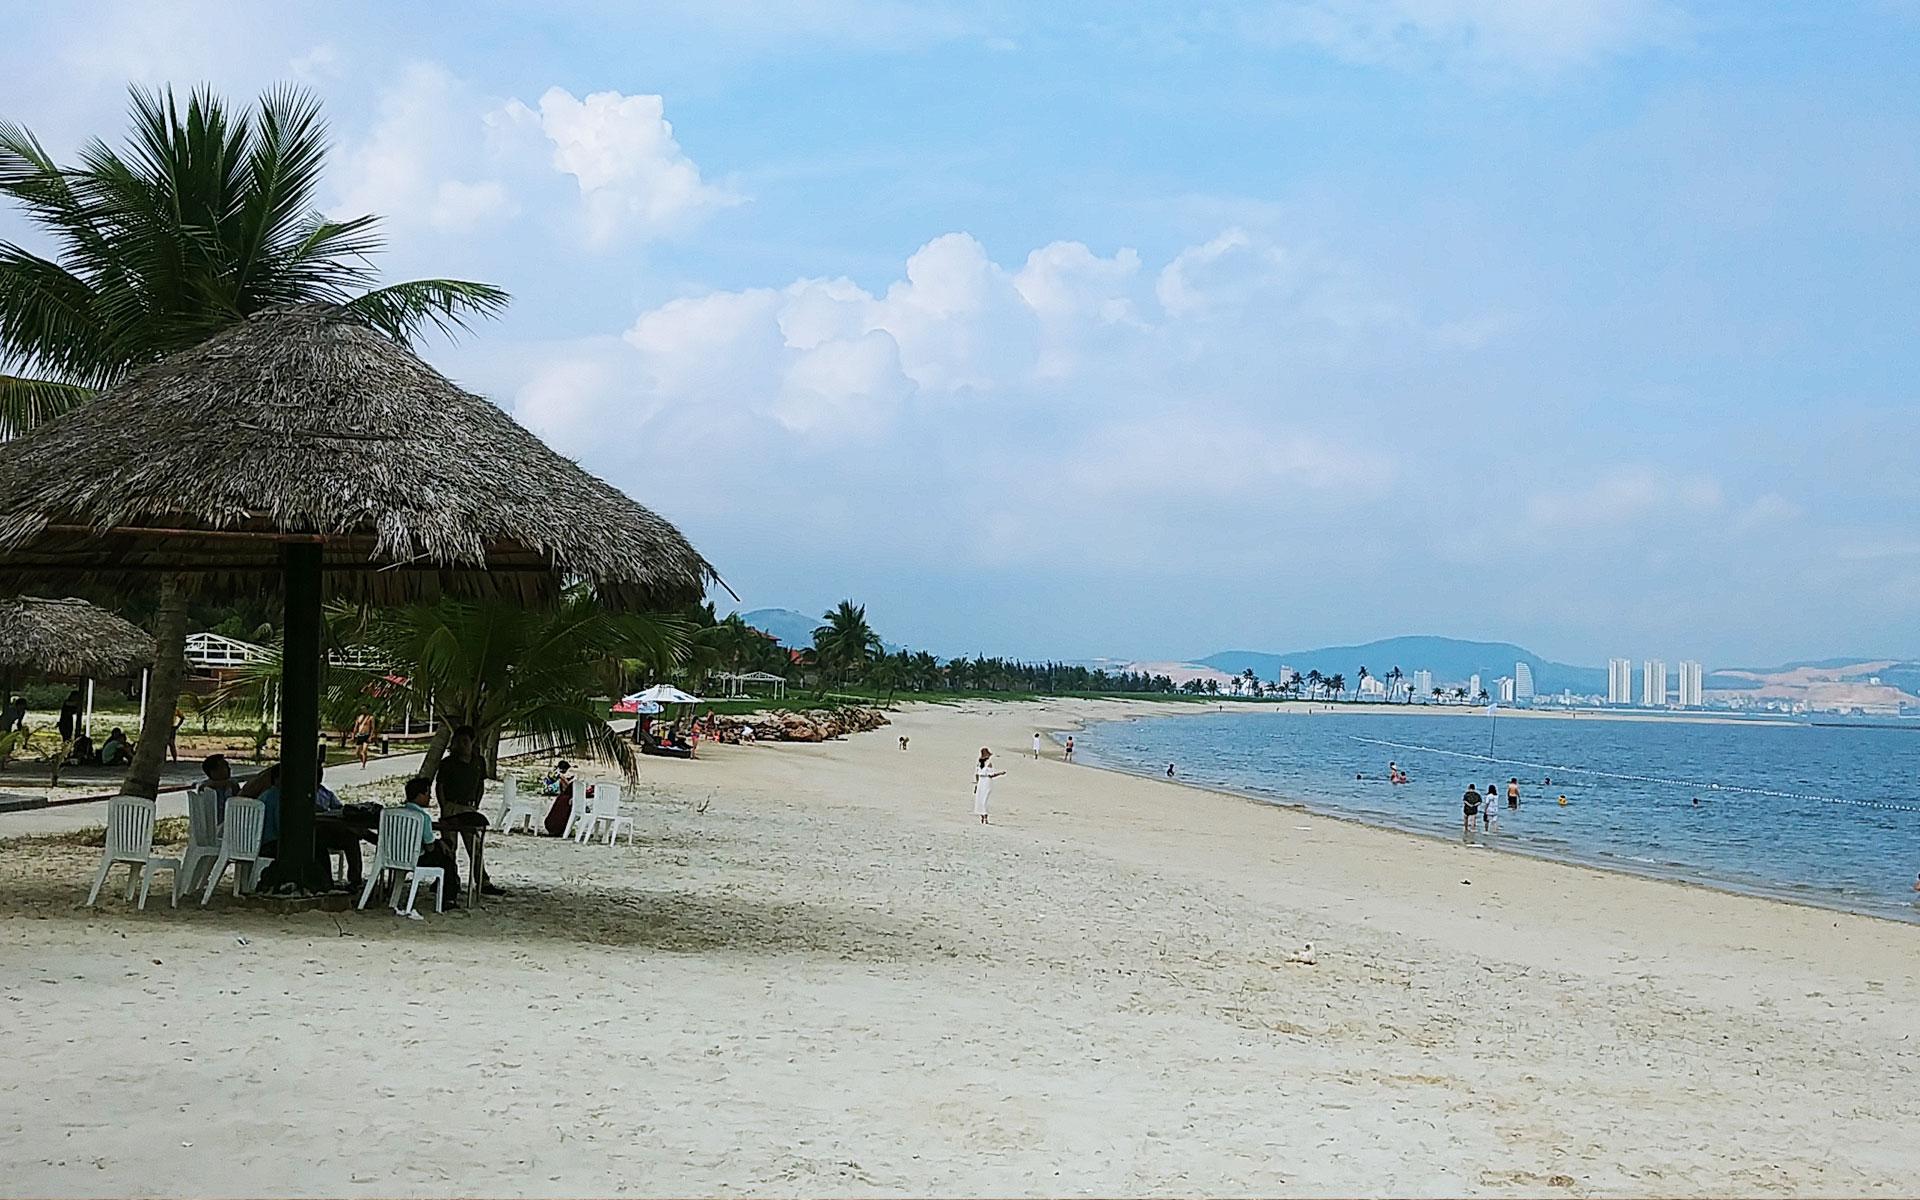 Tuan Chau Beach - Most Popular Beaches In Halong Bay